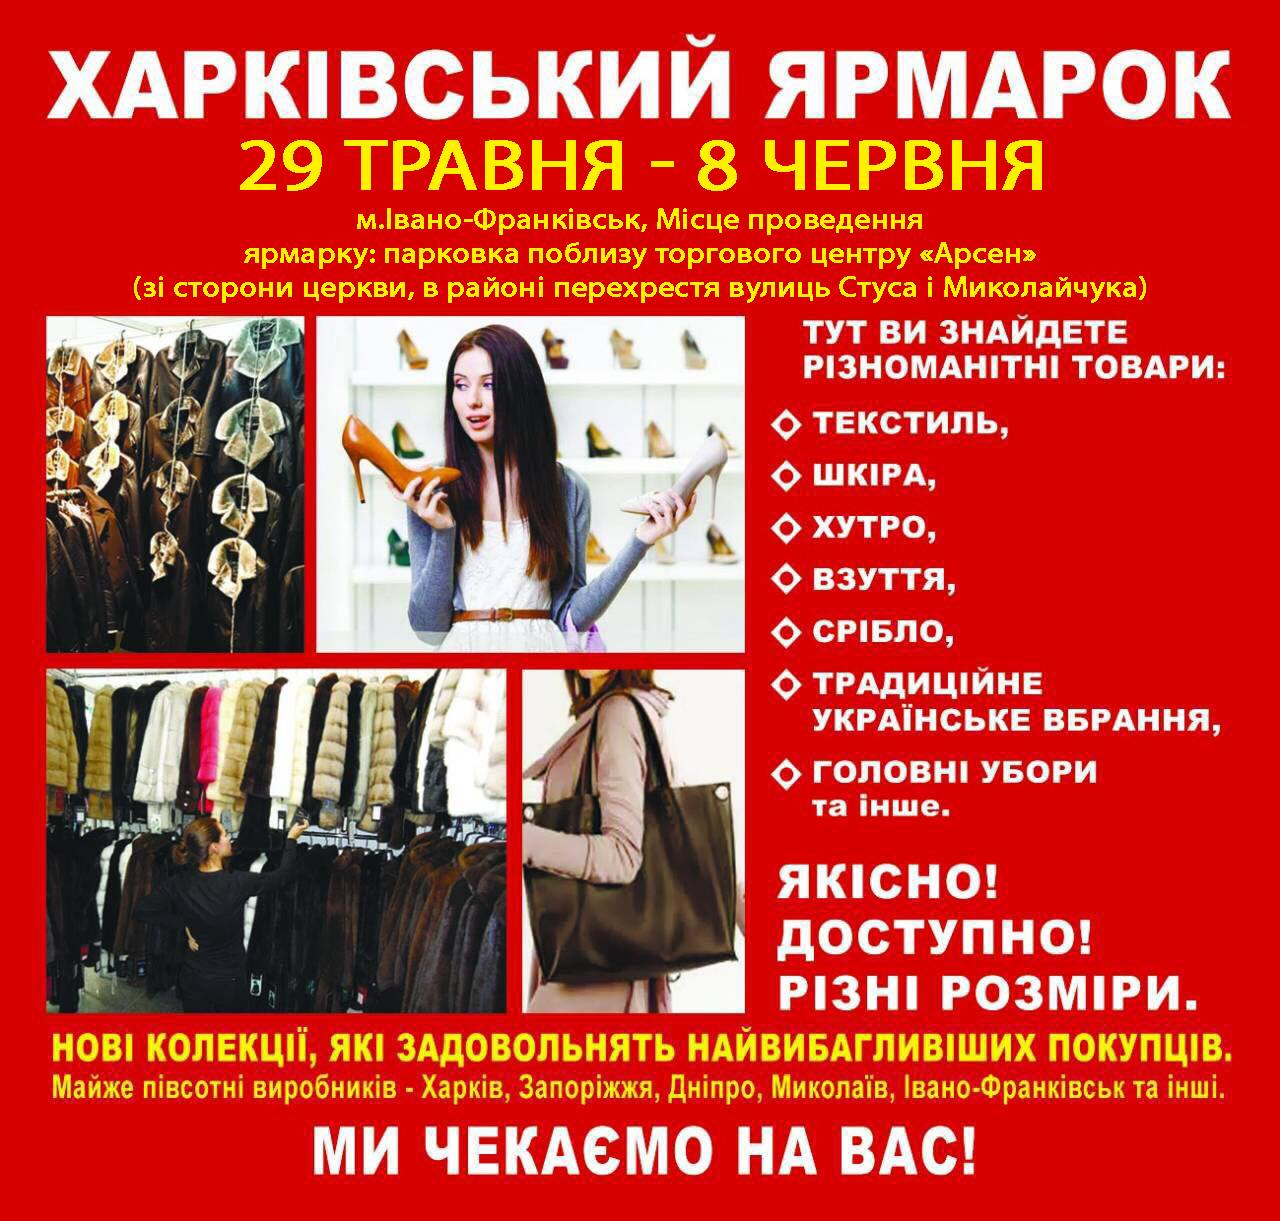 Франківців кличуть на Харківський ярмарок одягу і взуття українського виробника